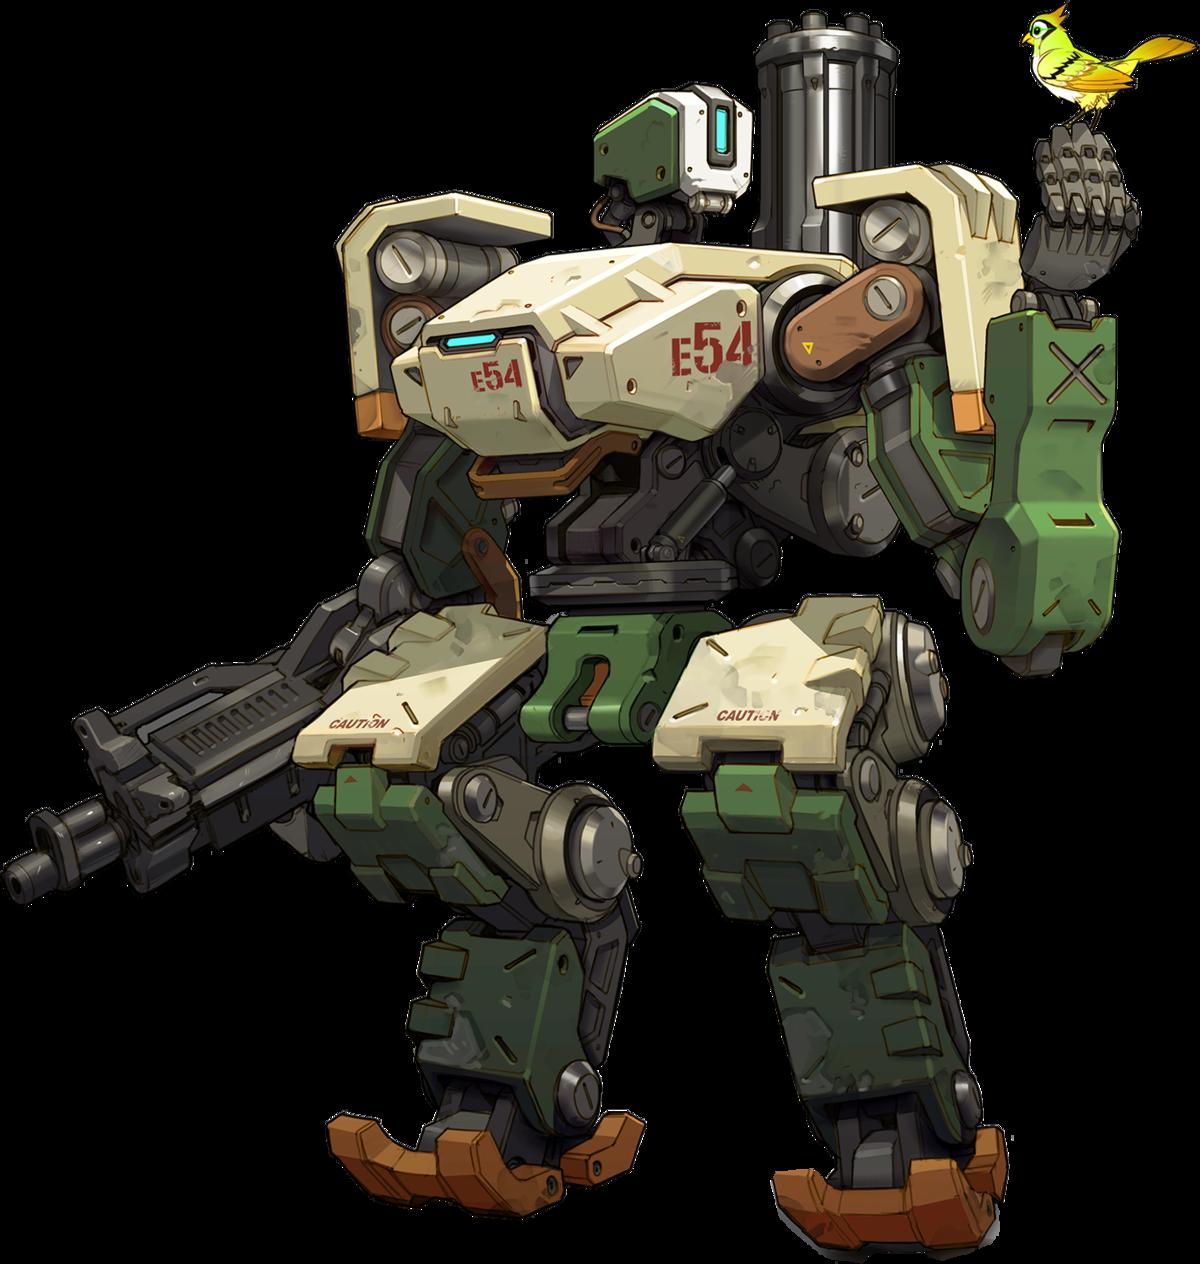 Bastion - Overwatch Wiki